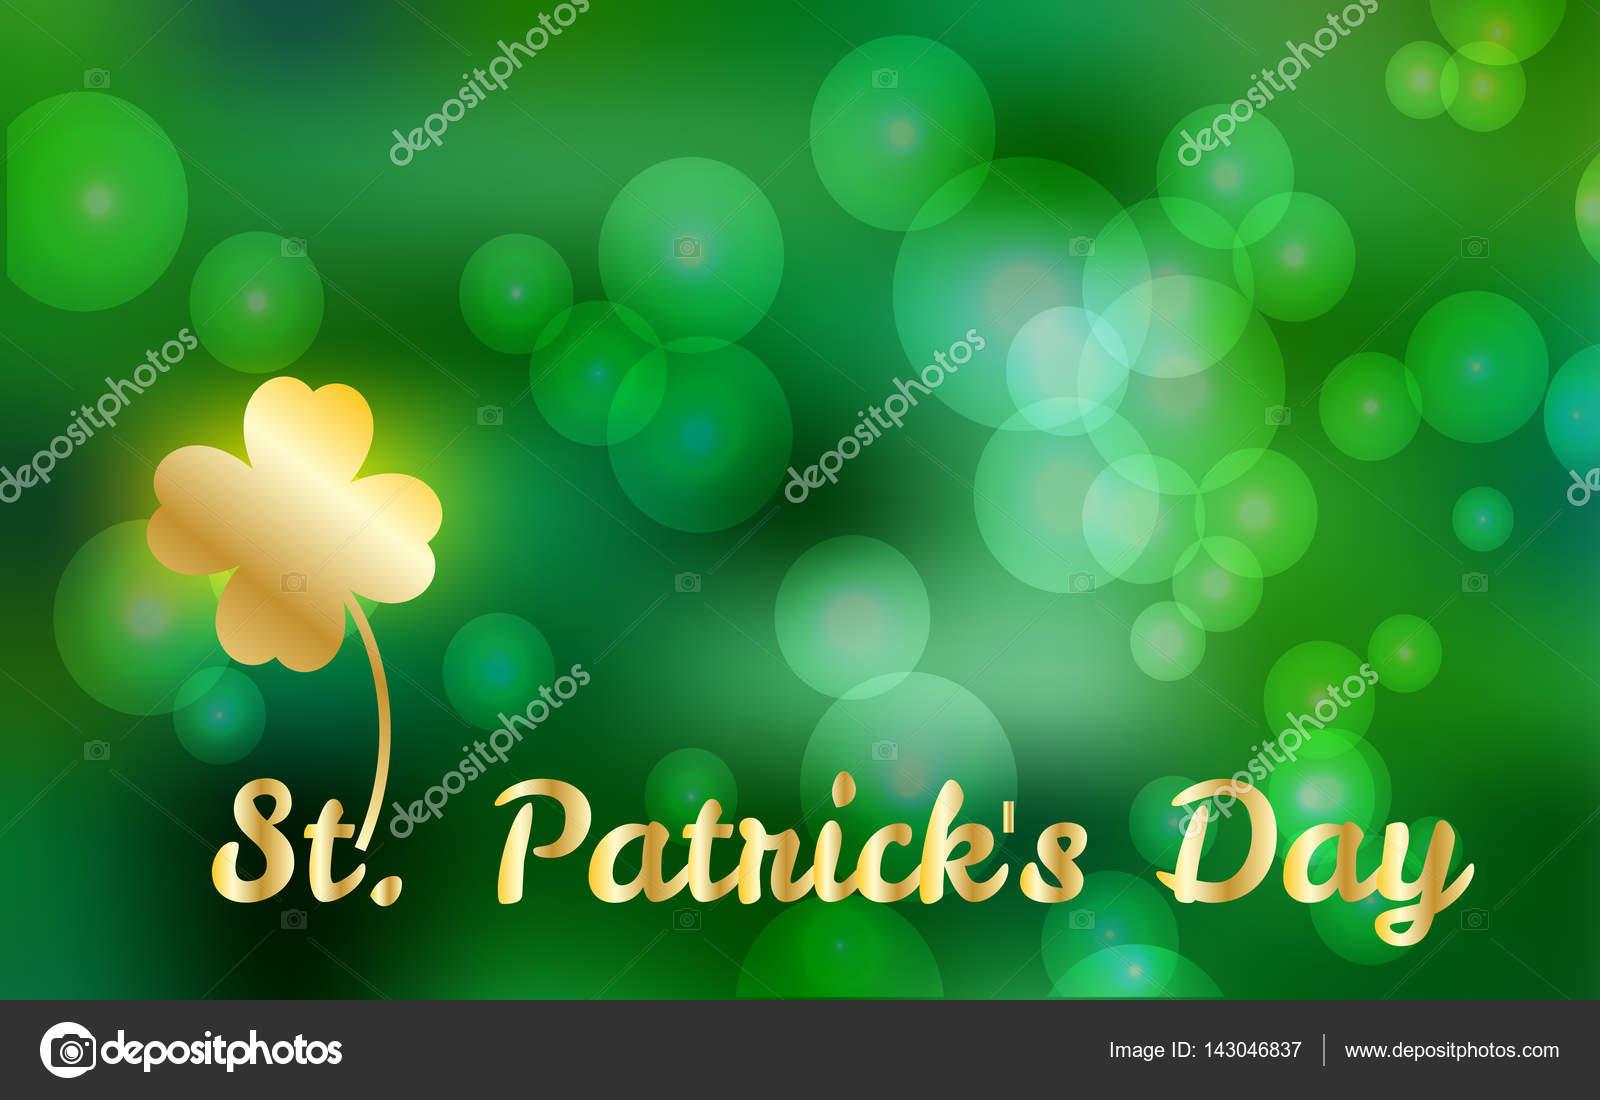 Vector ilustración de St. Patricks Day feliz, resorte desenfoque ...